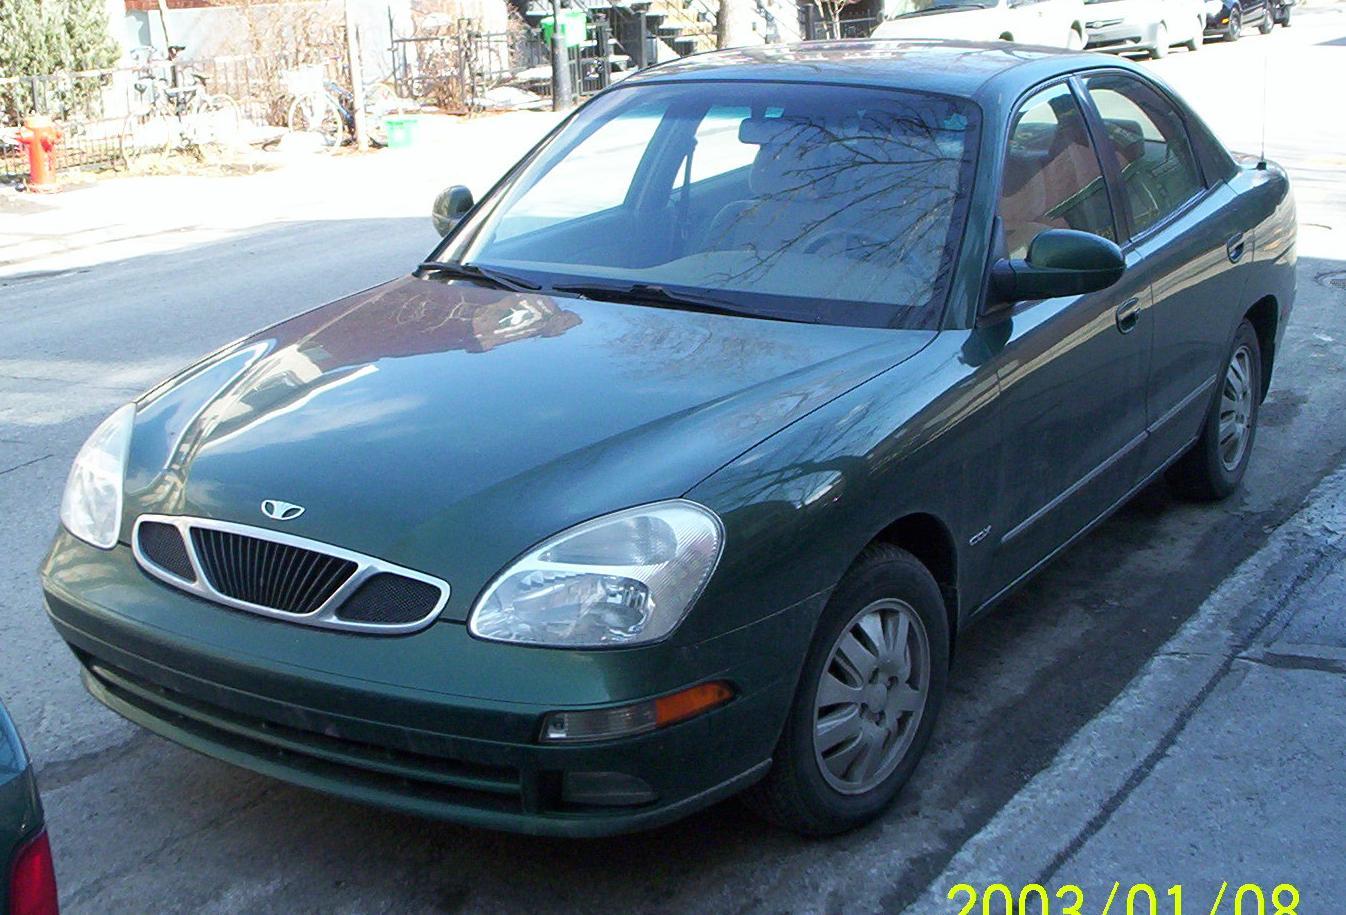 2002 daewoo nubira 25 daewoo nubira 25